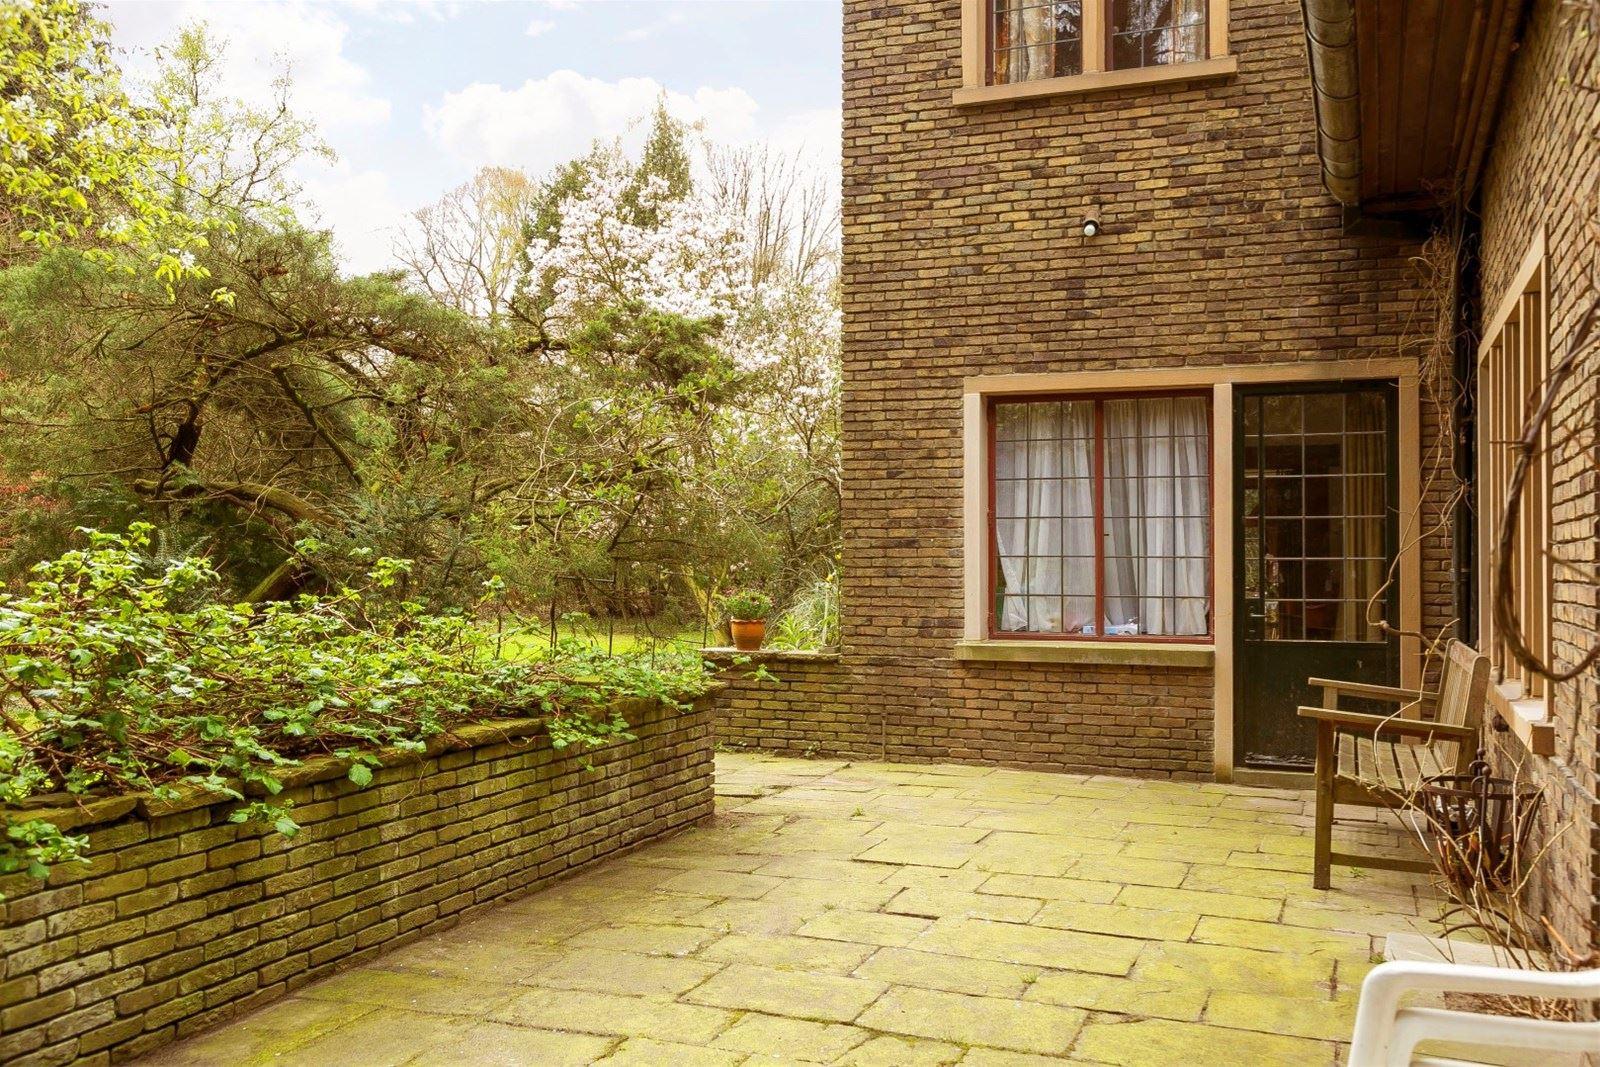 Huis te koop: schuilenburglaan 7 7604 bj almelo [funda]